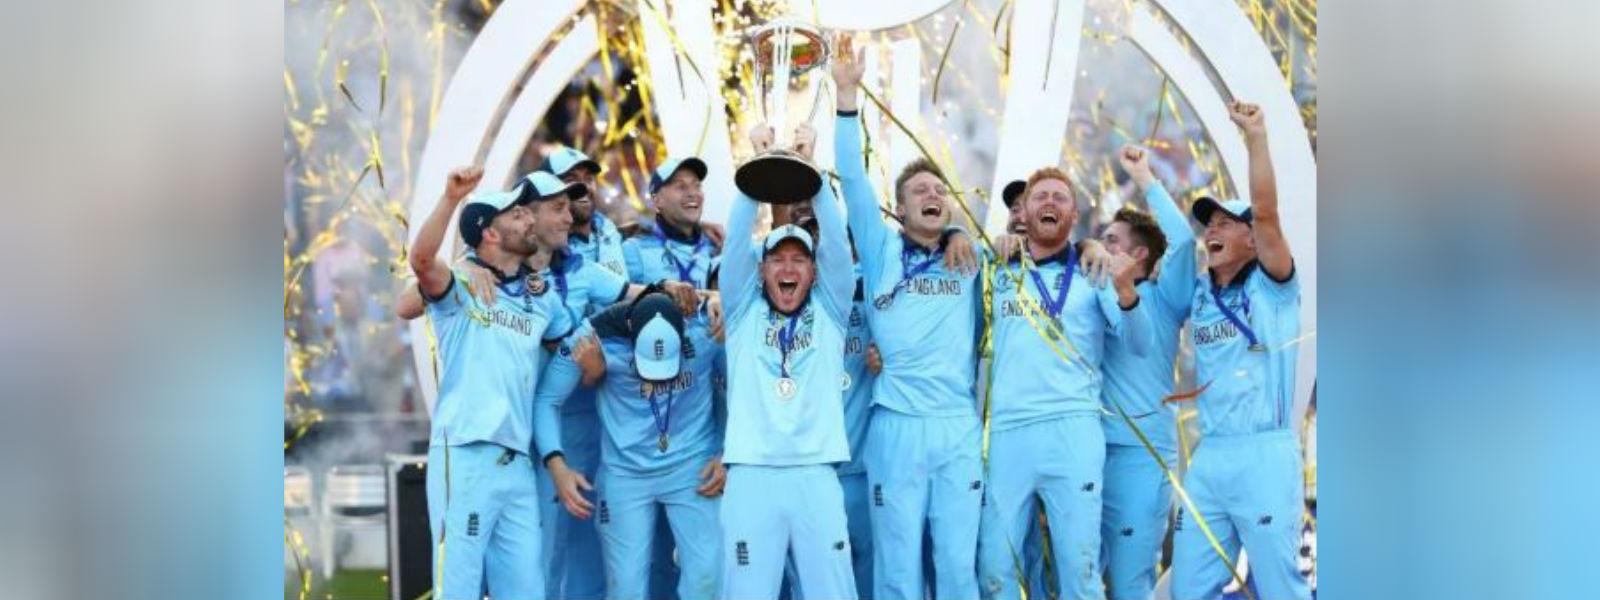 உலகக் கிண்ணத்தை சுவீகரித்தது இங்கிலாந்து அணி